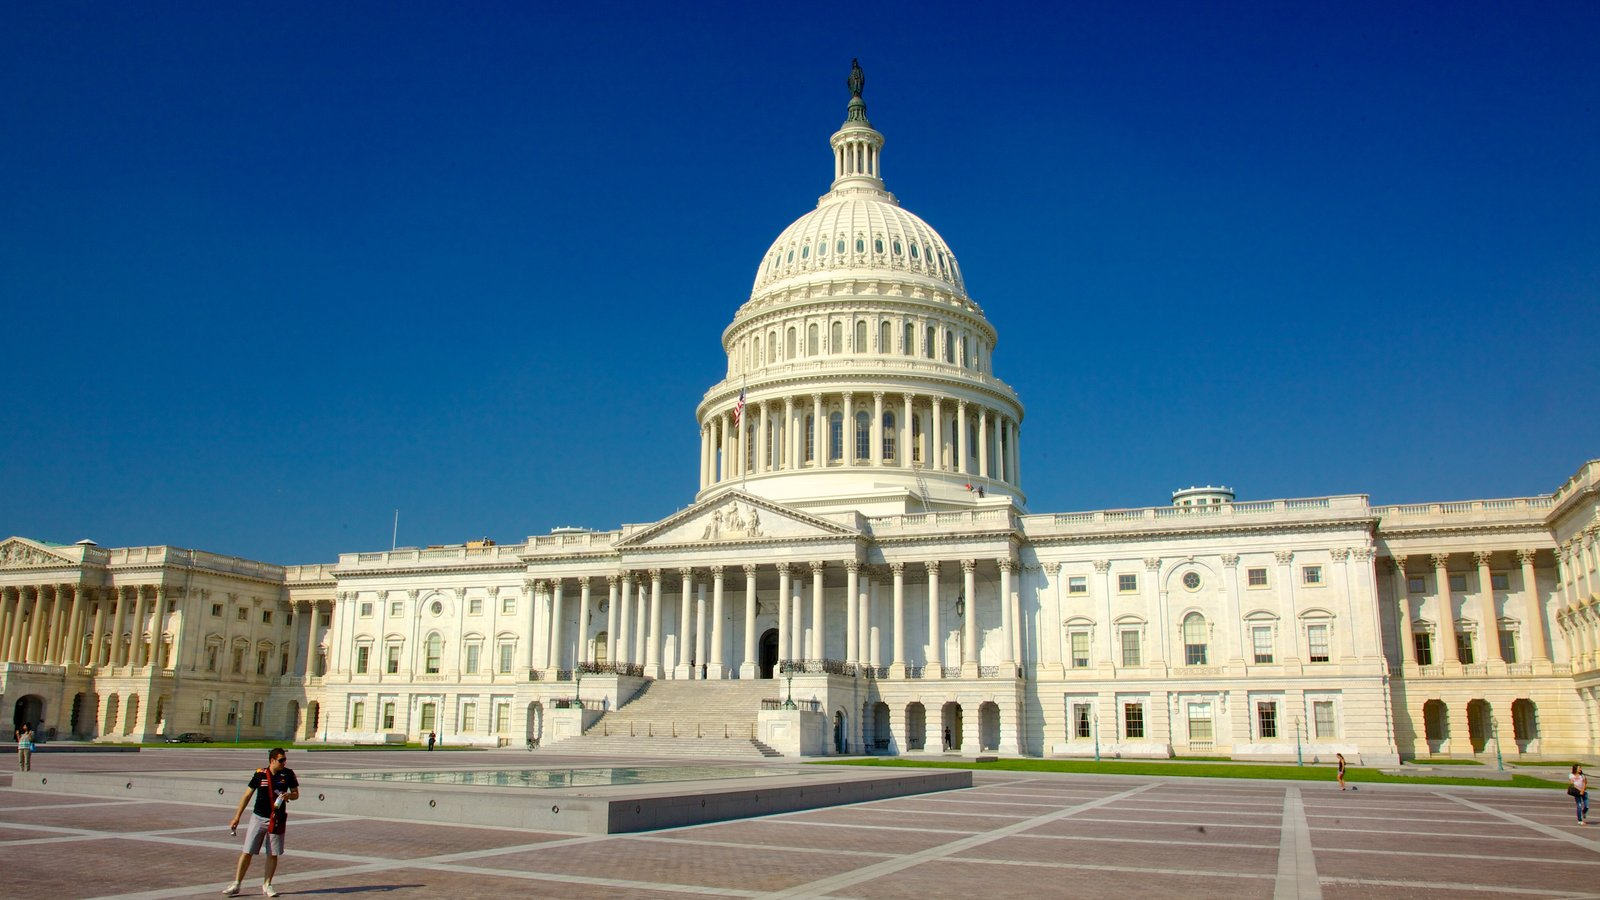 Capitólio dos Estados Unidos que inclui uma cidade, arquitetura de patrimônio e um edifício administrativo